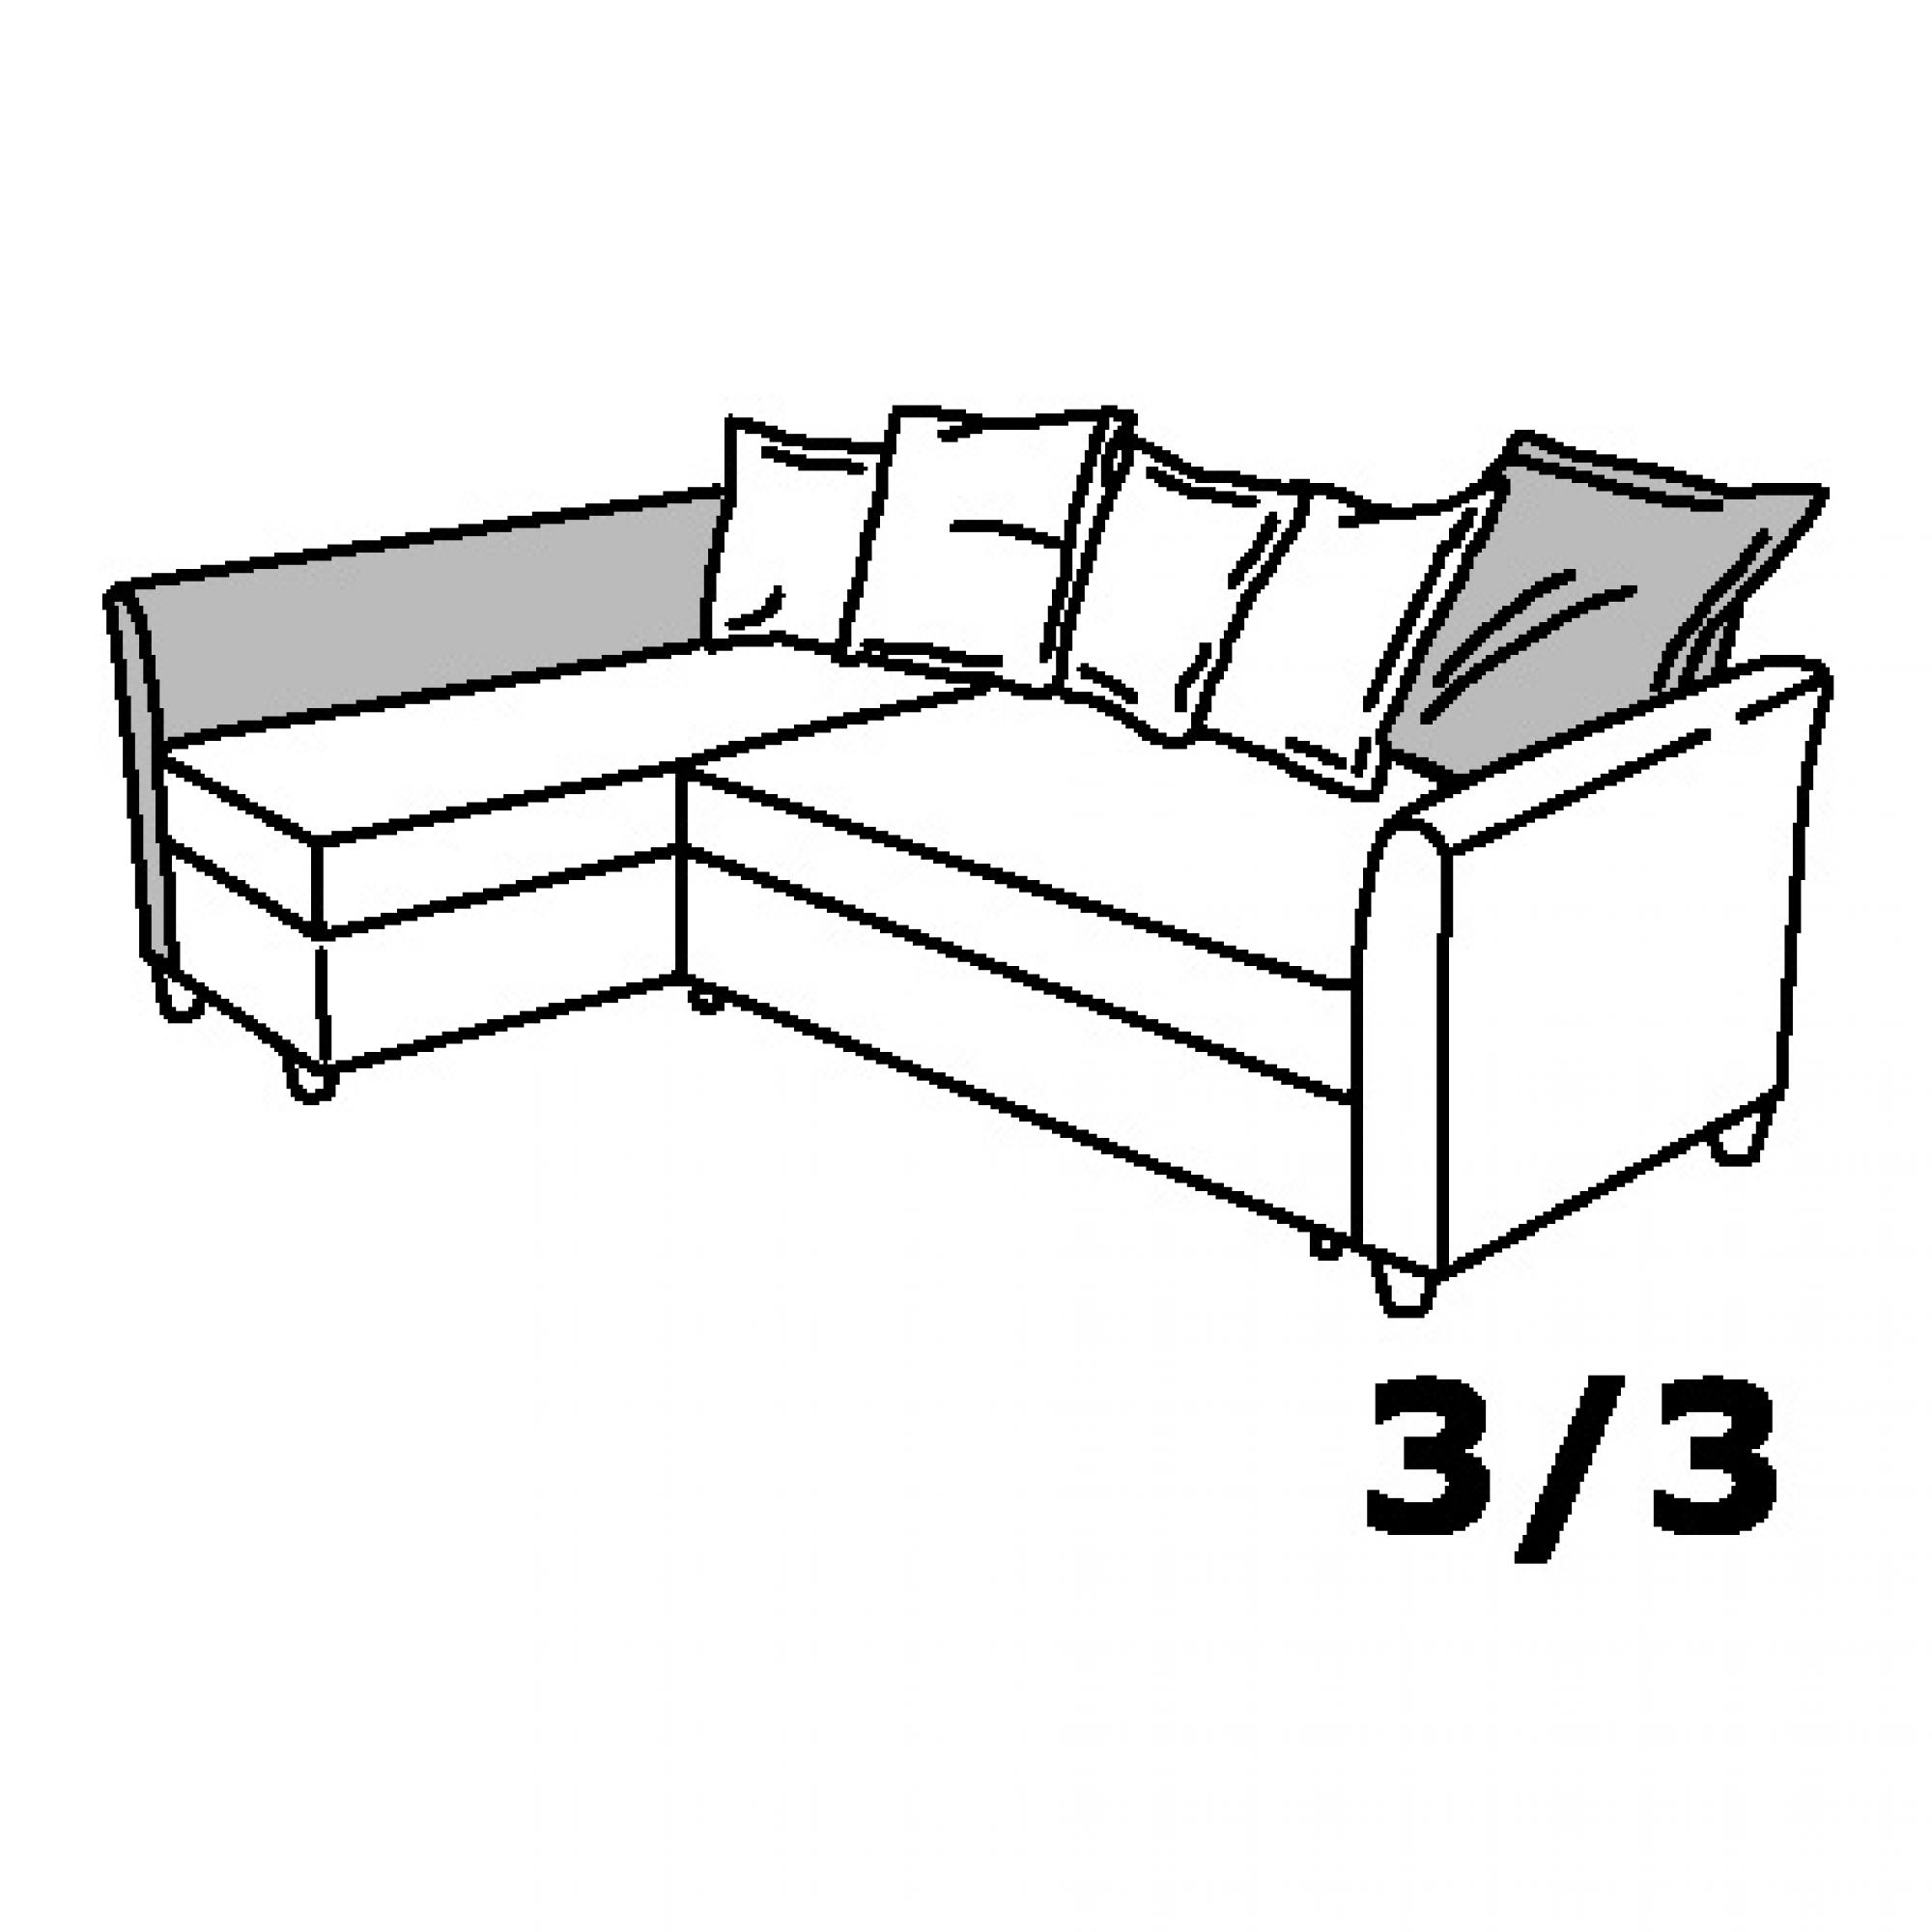 holmsund backrest for corner sofa bed Ikea Home Planner Change To Metric Ikea Home Planner Change To Metric #6 ikea home planner change to metric